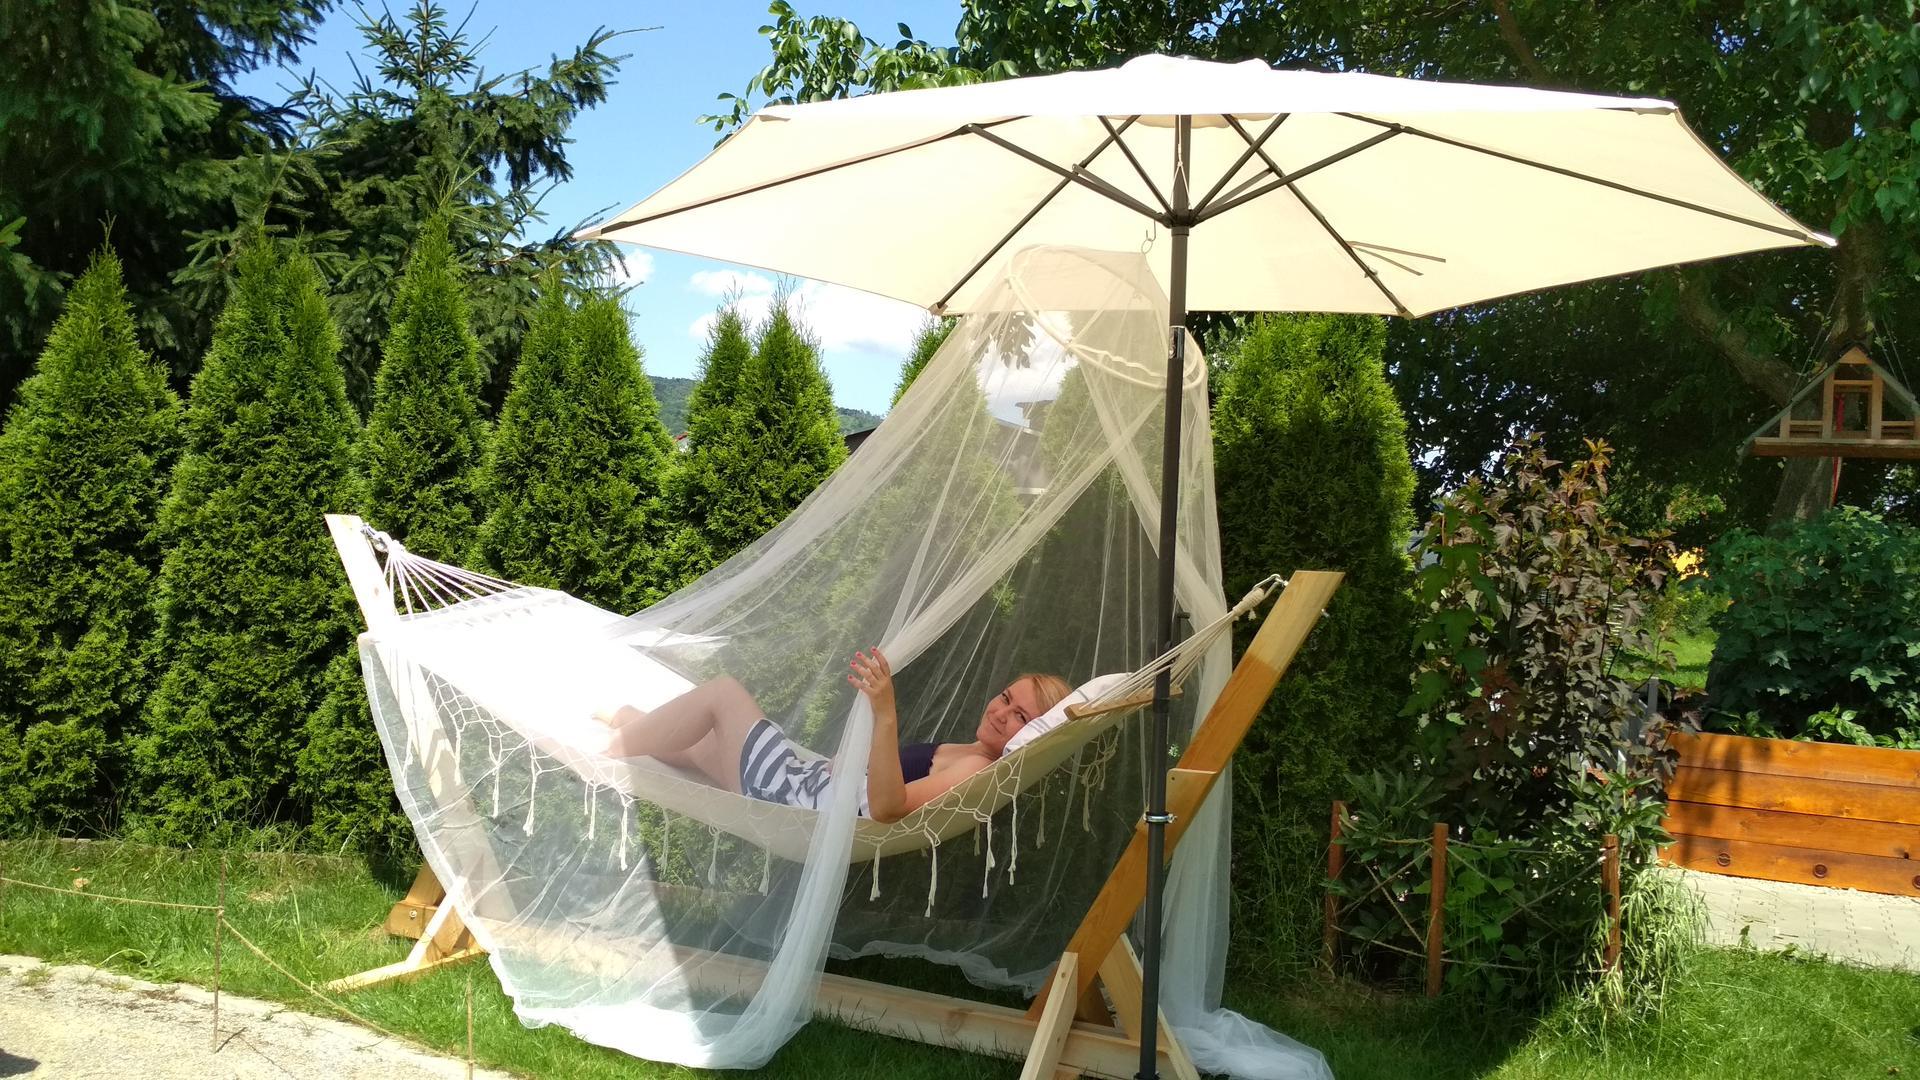 Drevený stojan na hojdaciu sieť... relax v záhrade - Obrázok č. 3